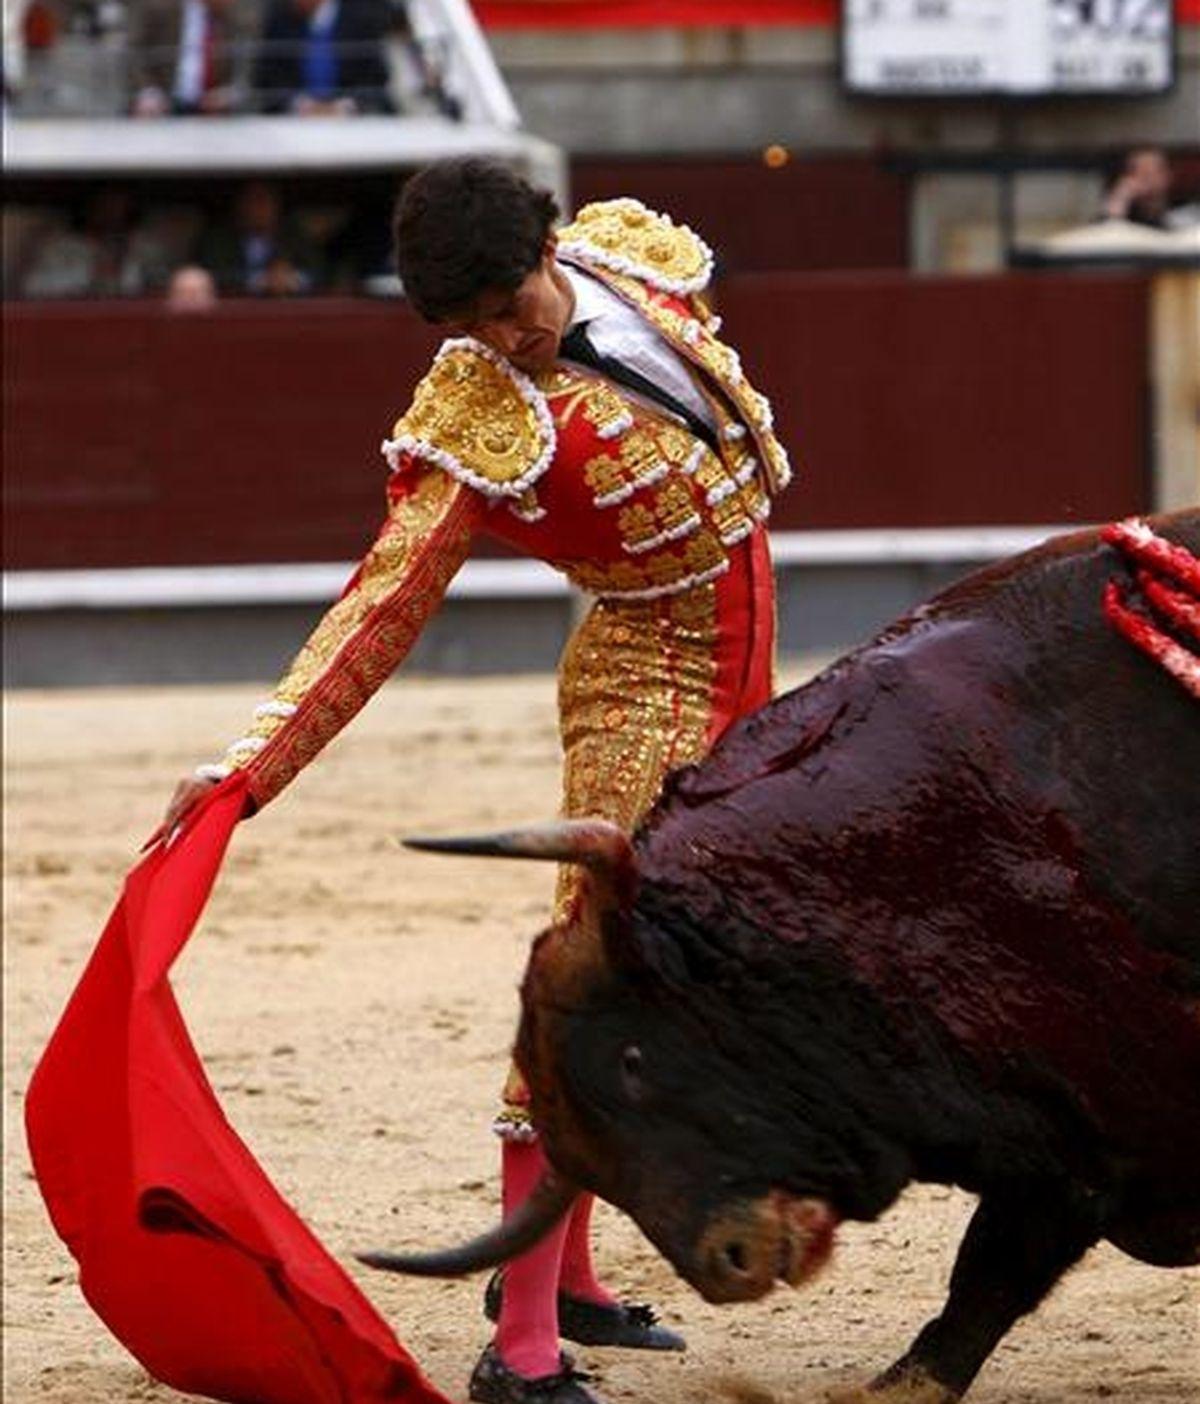 """El diestro Pedro Gutiérrez """"El Capea"""" da un derechazo a su primer astado, durante el tercer festejo de la Feria de San Isidro celebrado en la plaza de toros de Las Ventas de Madrid. EFE/Archivo"""